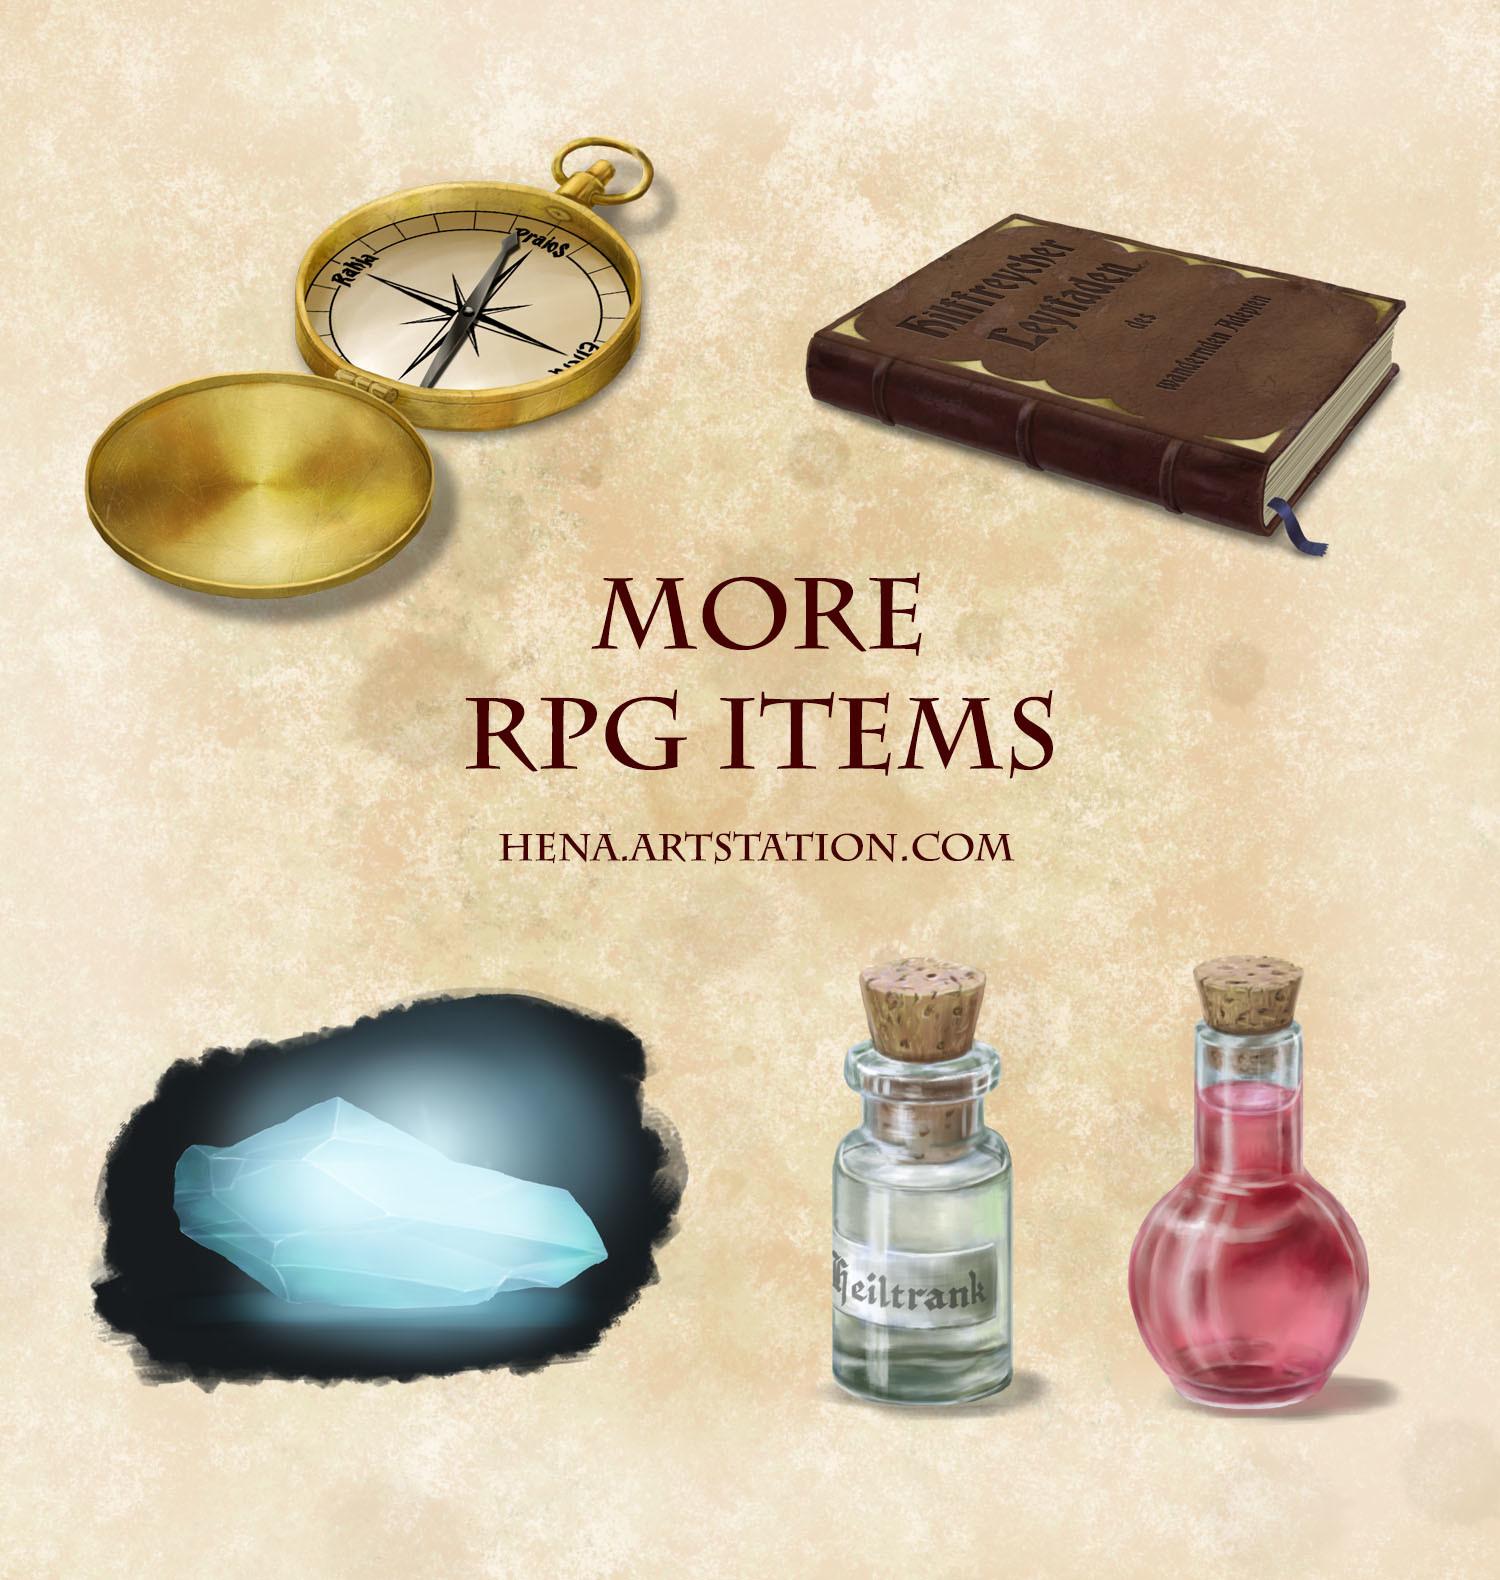 DSA: More RPG items